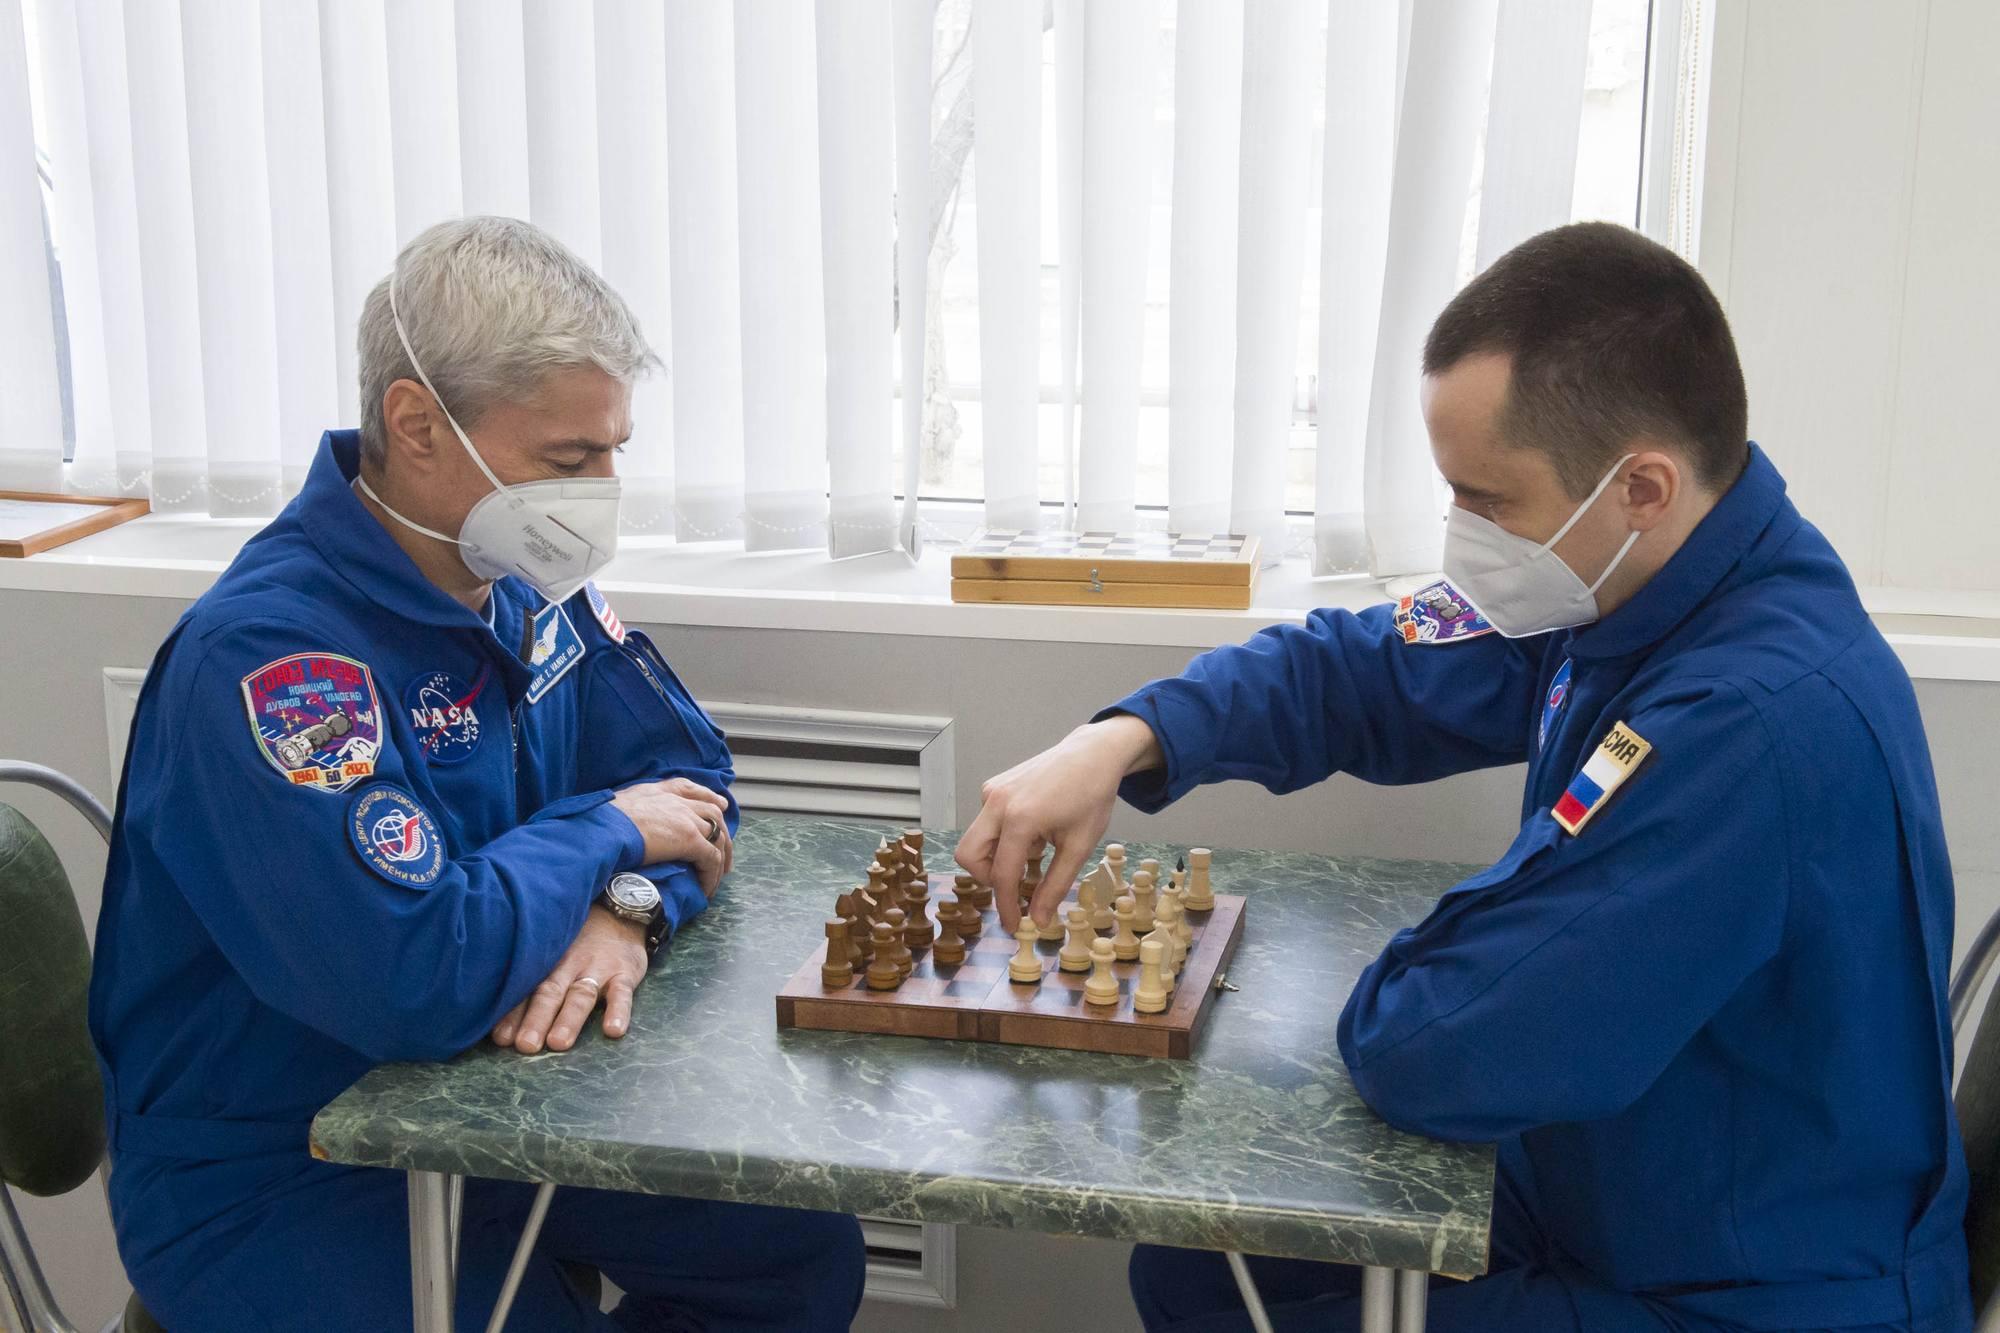 Jeu d'échecs pour Mark Vande hei et Pyotr Doubrov.